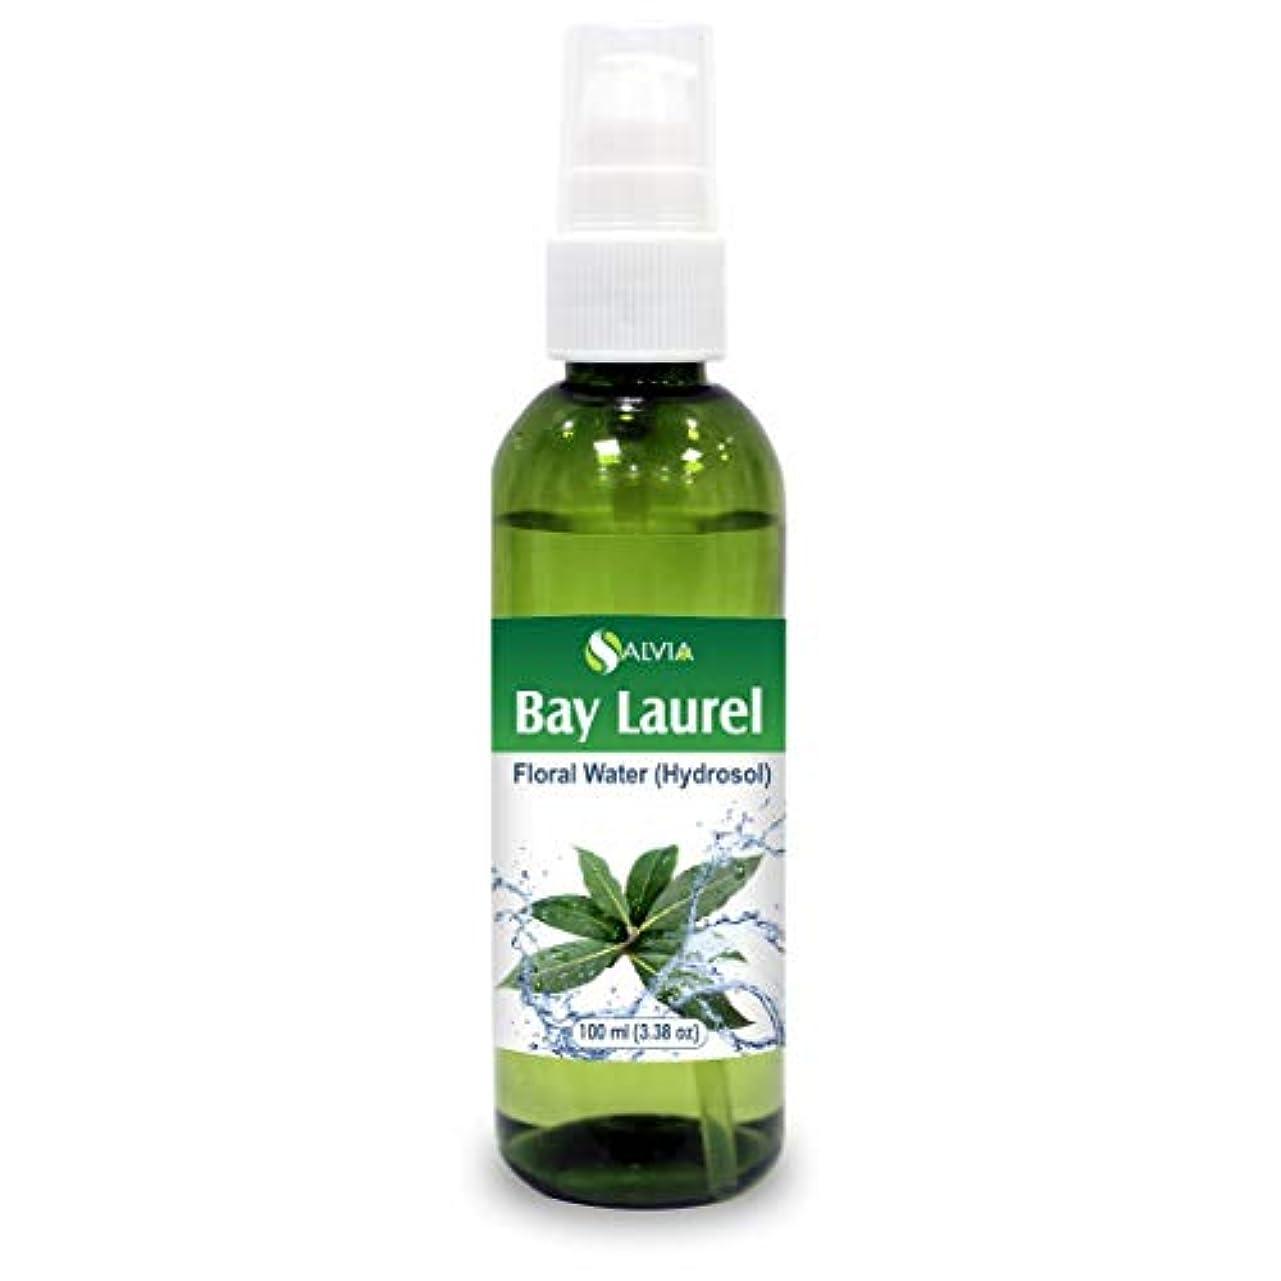 一致する書道寝てるBay Laurel Floral Water 100ml (Hydrosol) 100% Pure And Natural